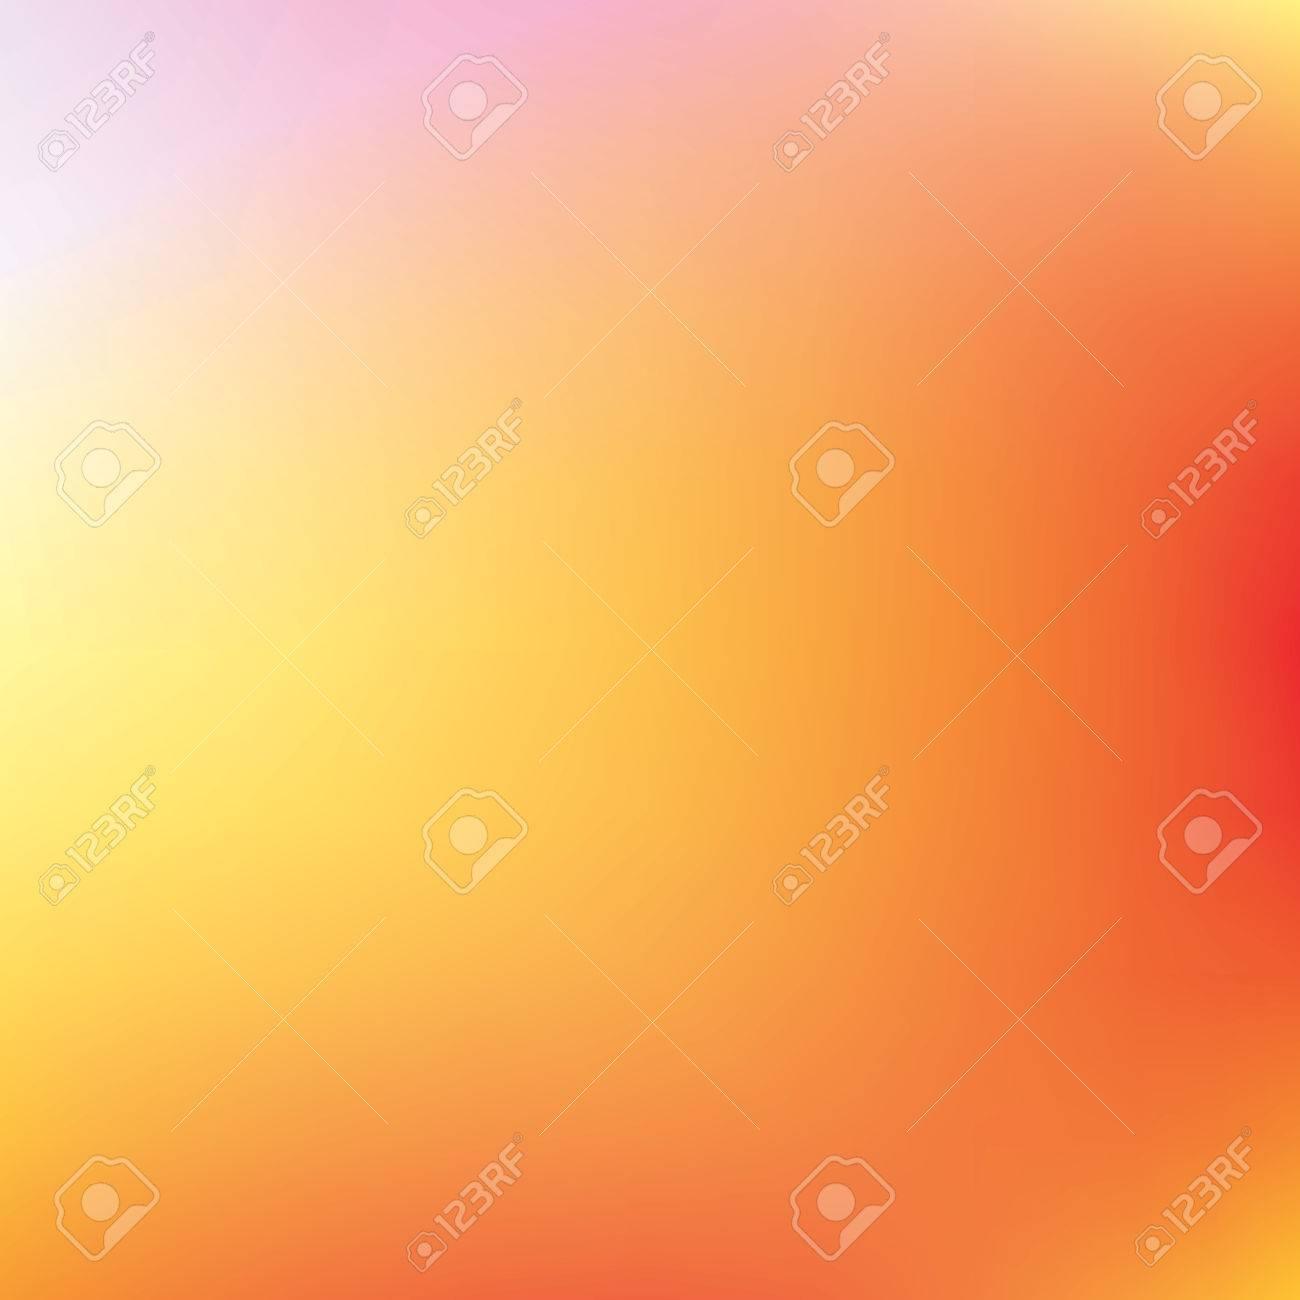 Résumé orange et jaune, vecteur, fond, filet de dégradé de couleur, fond  d\'écran pour votre projet